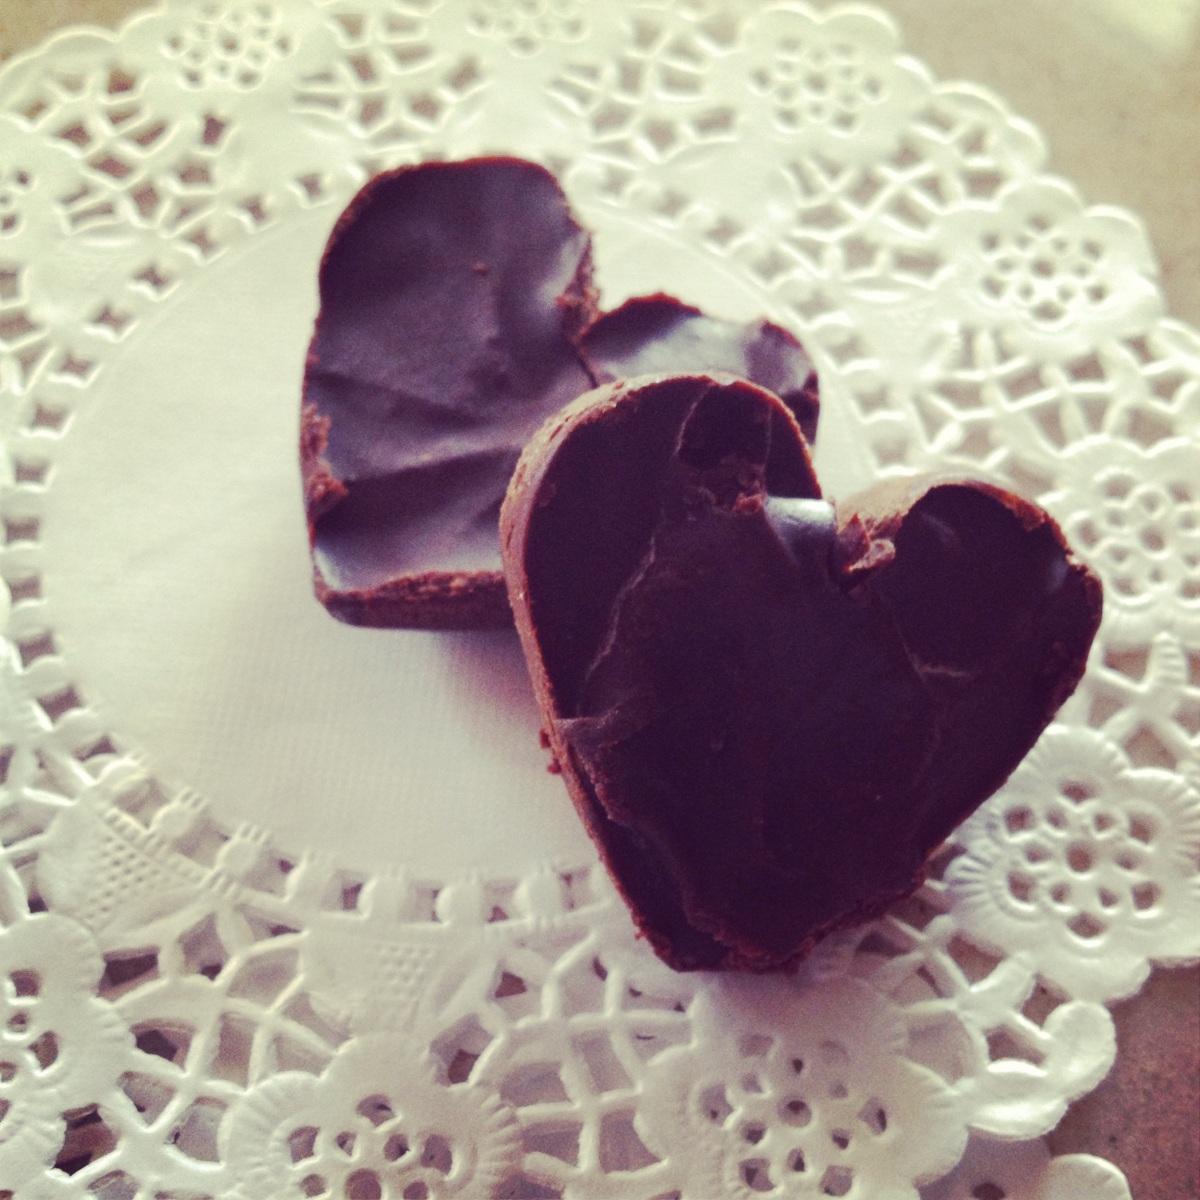 Φτιάξτε τα σοκολατάκια των ονείρων σας!/ How to make your own special chocolate bites!